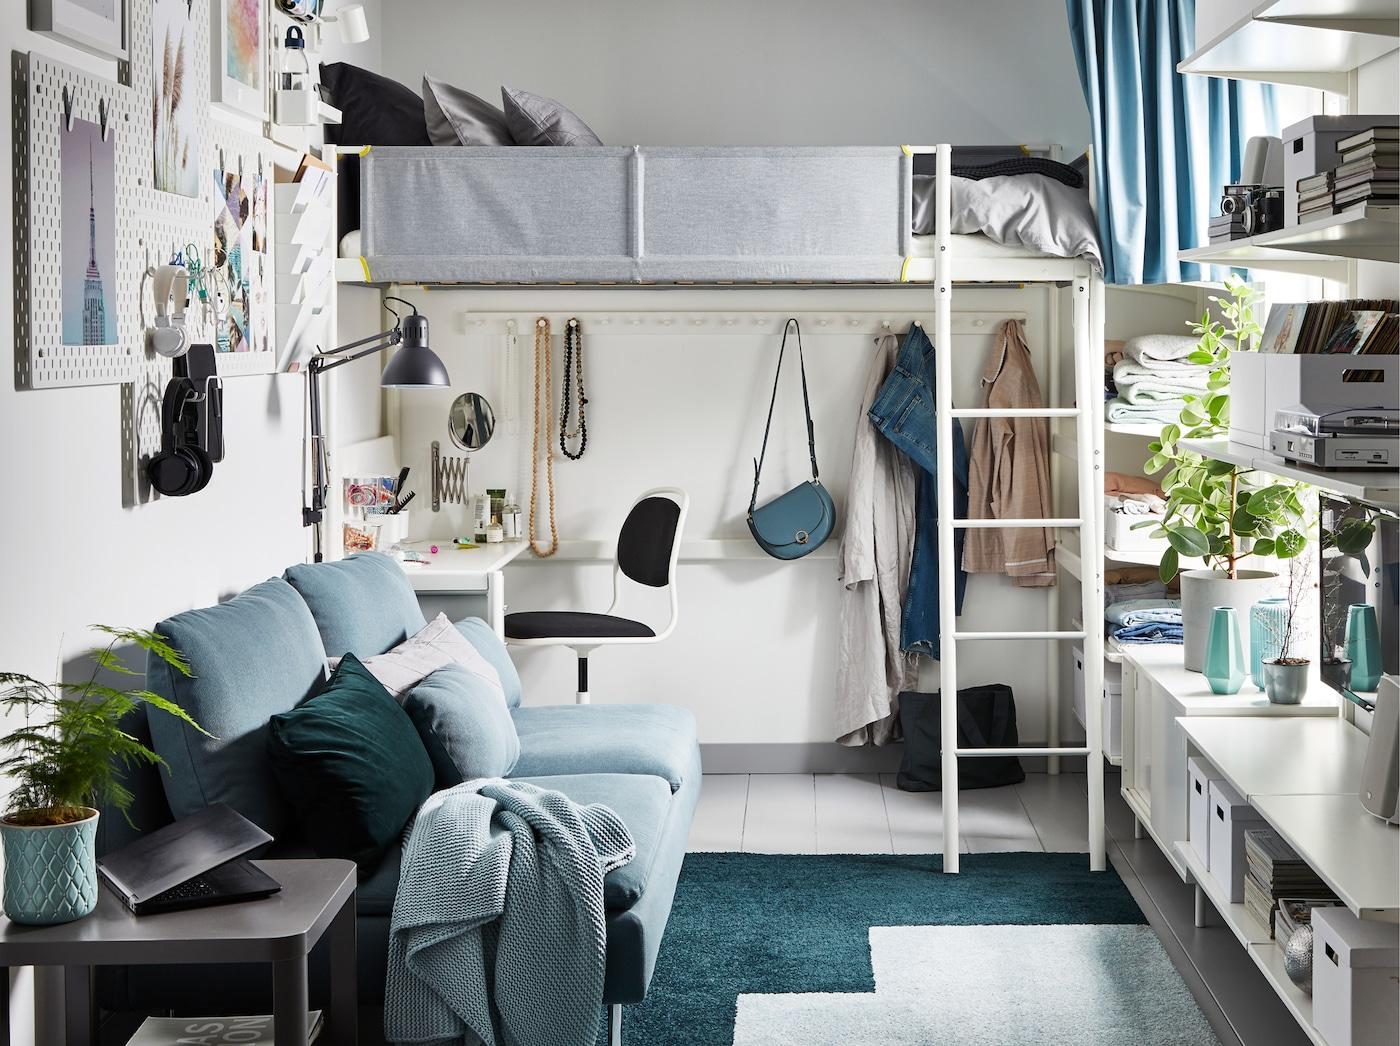 تخزين عمودي لغرفة نوم صغيرة خالية من الفوضى - IKEA